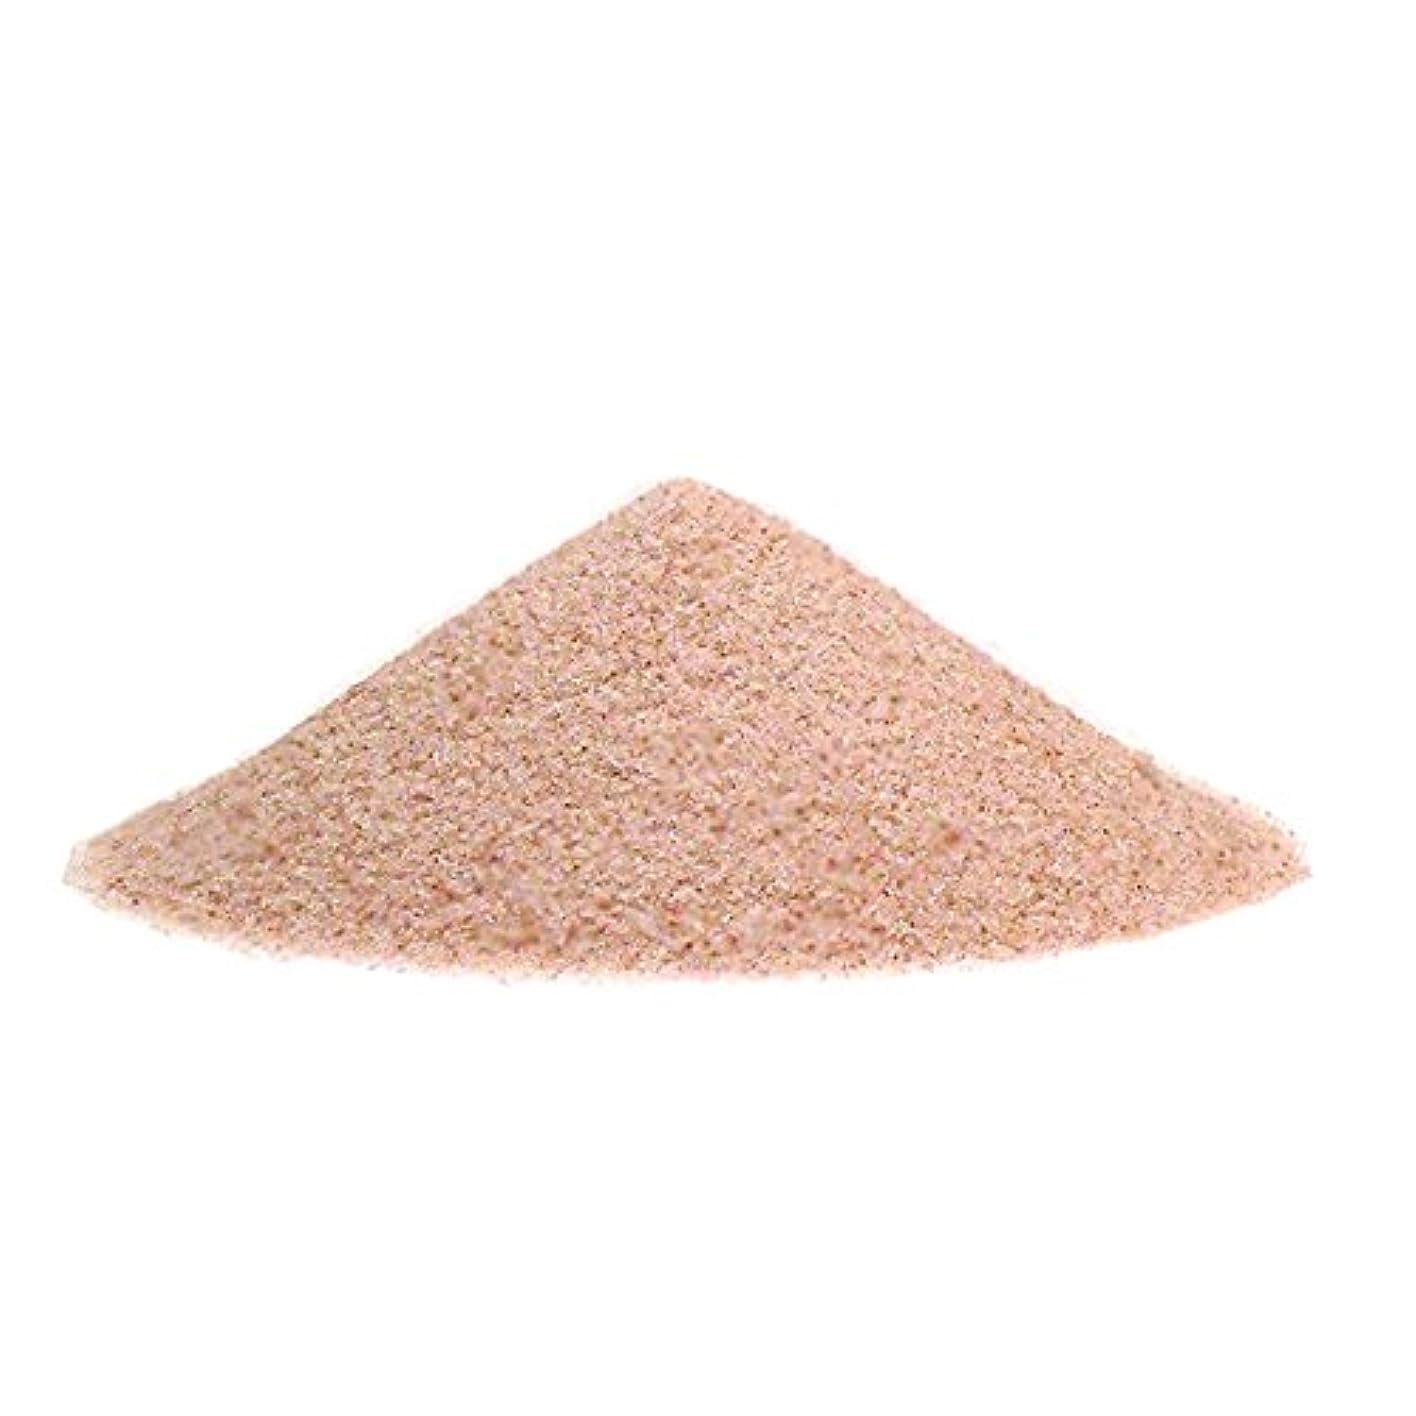 ヒマラヤ岩塩 ピンクソルト 入浴用 バスソルト(微粒パウダー)3kg ピンク岩塩